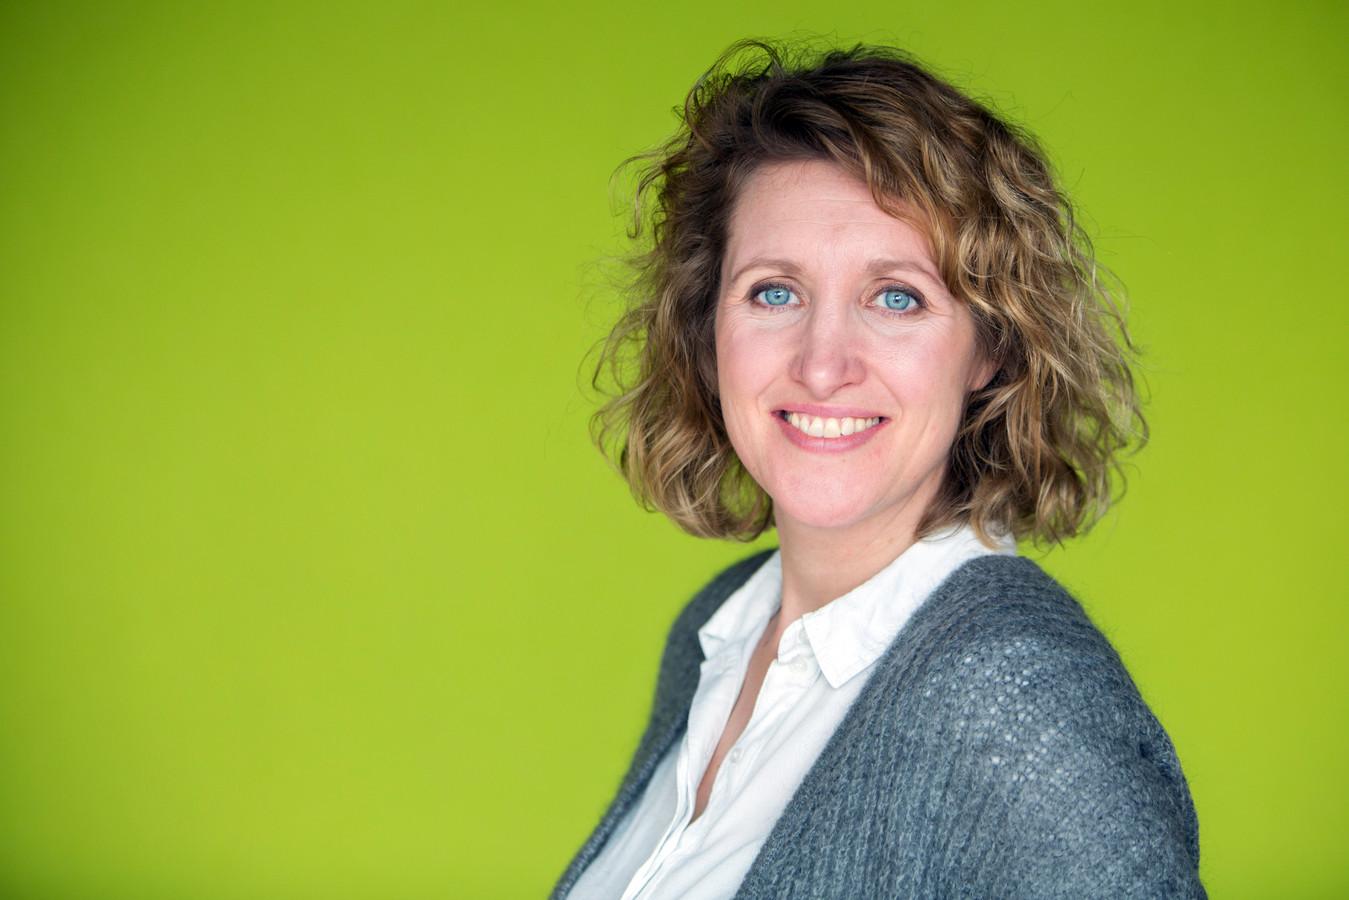 Huisarts Tamara de Weijer (36) is voorzitter van Vereniging Arts en Voeding